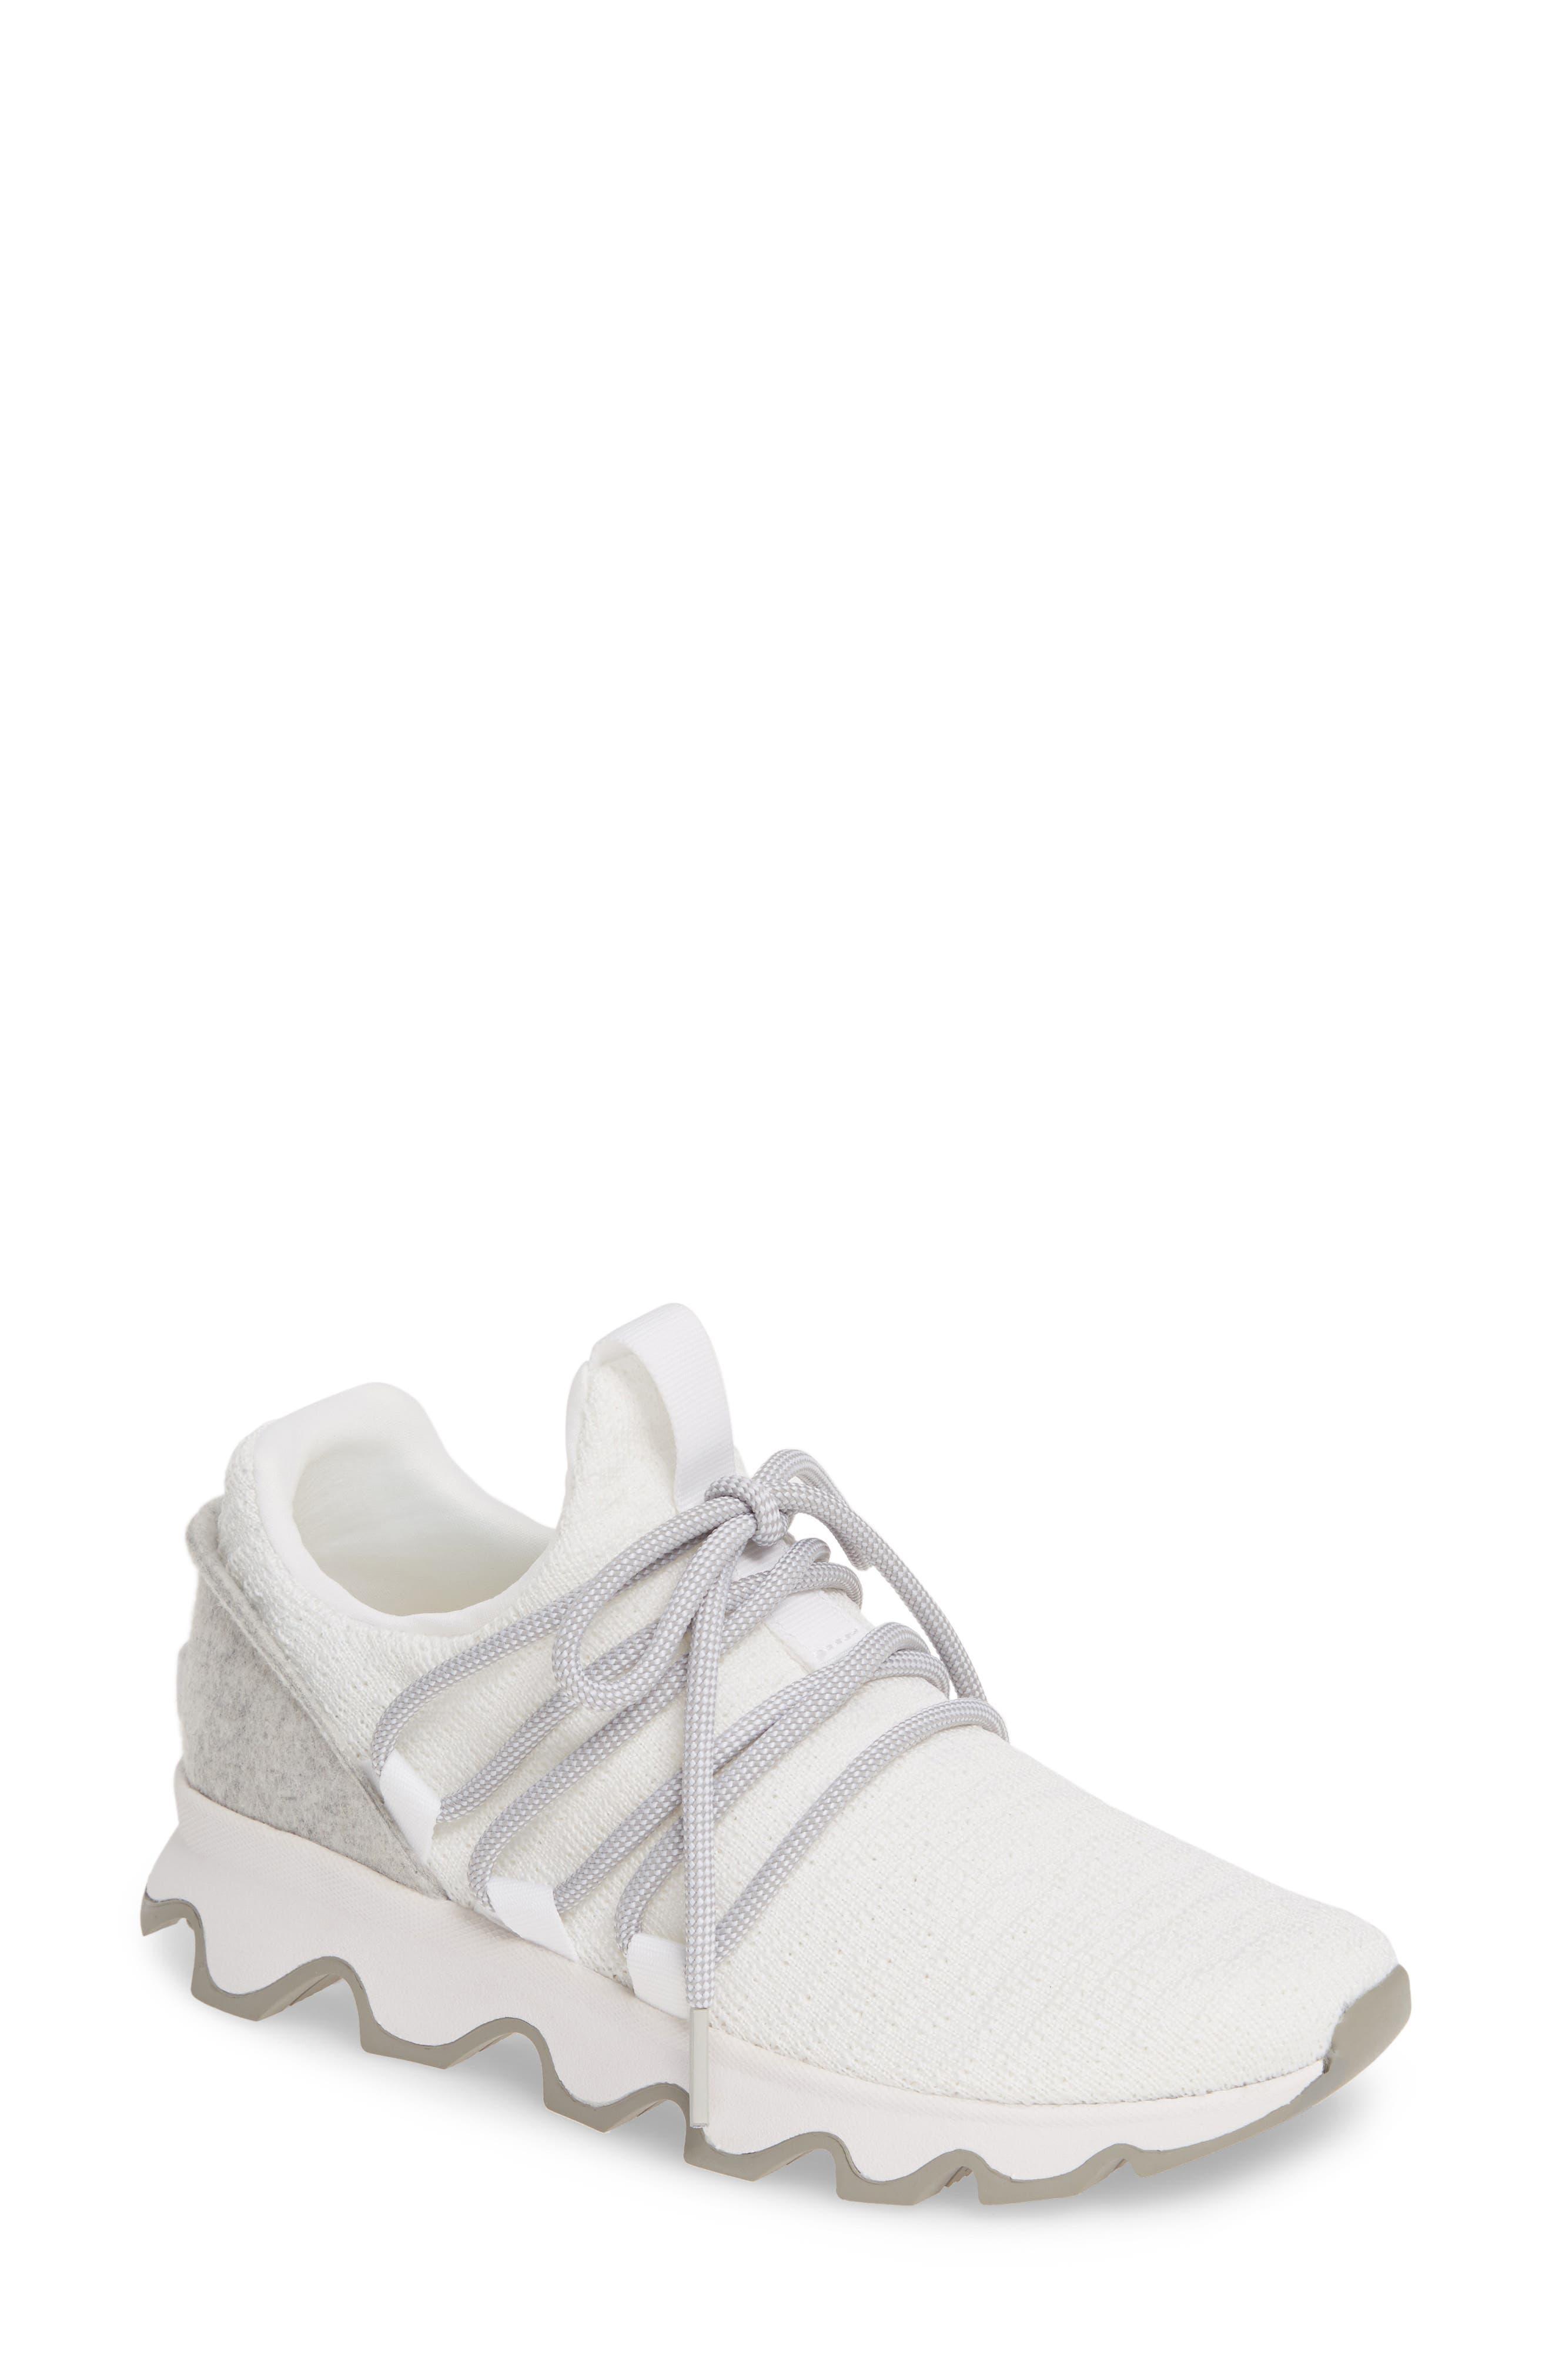 Sorel Kinetic Lace Knit Sneaker, White